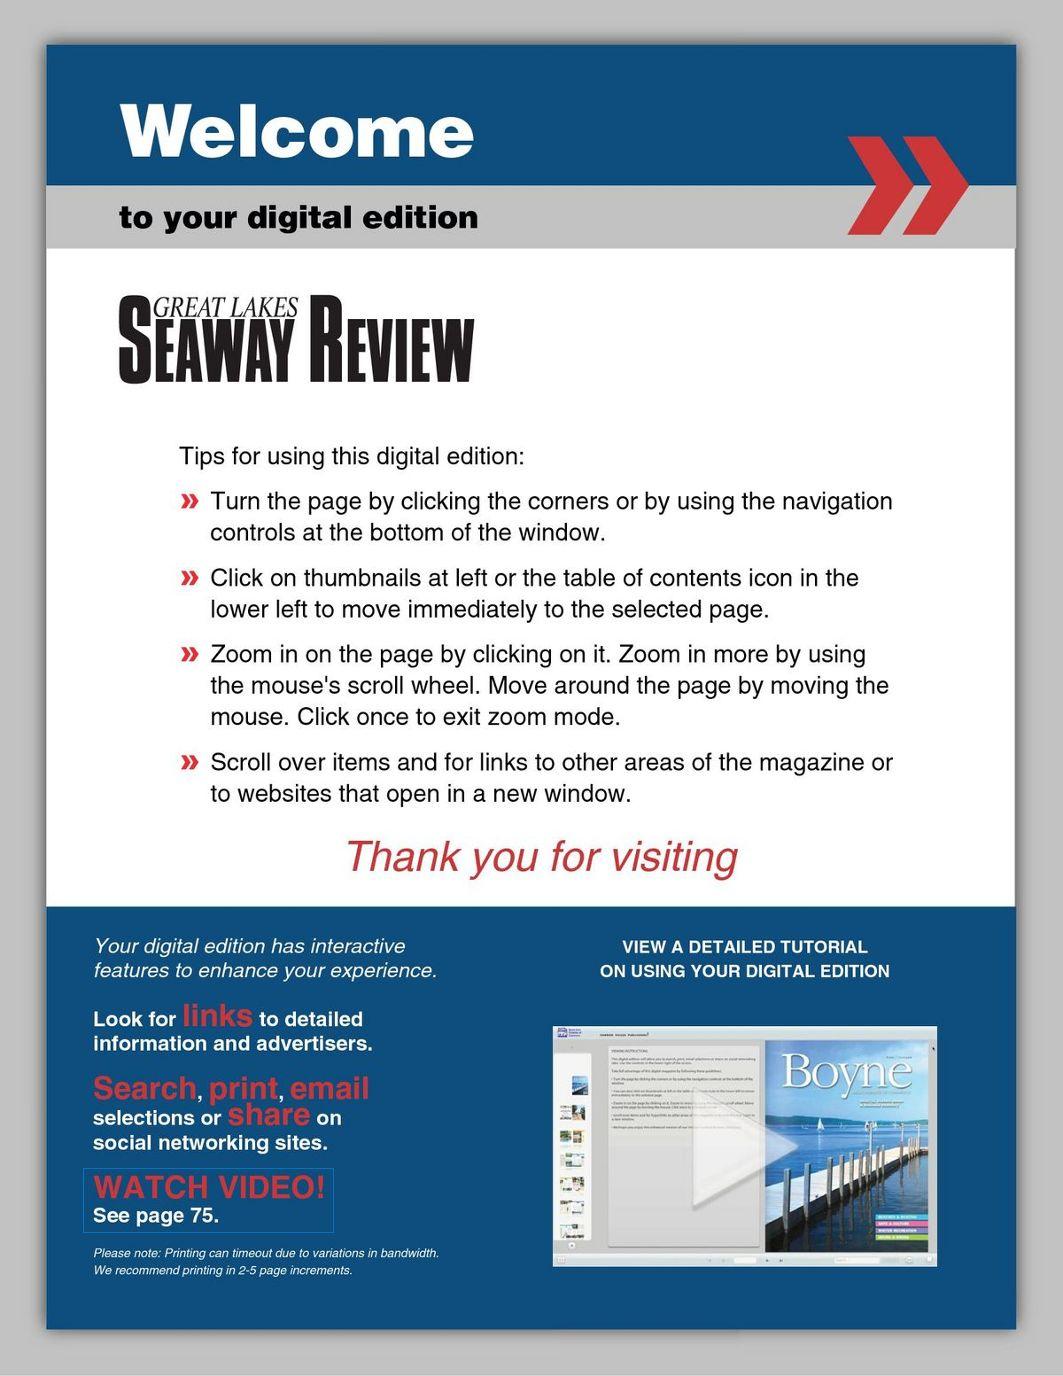 Great Lakes/Seaway Review